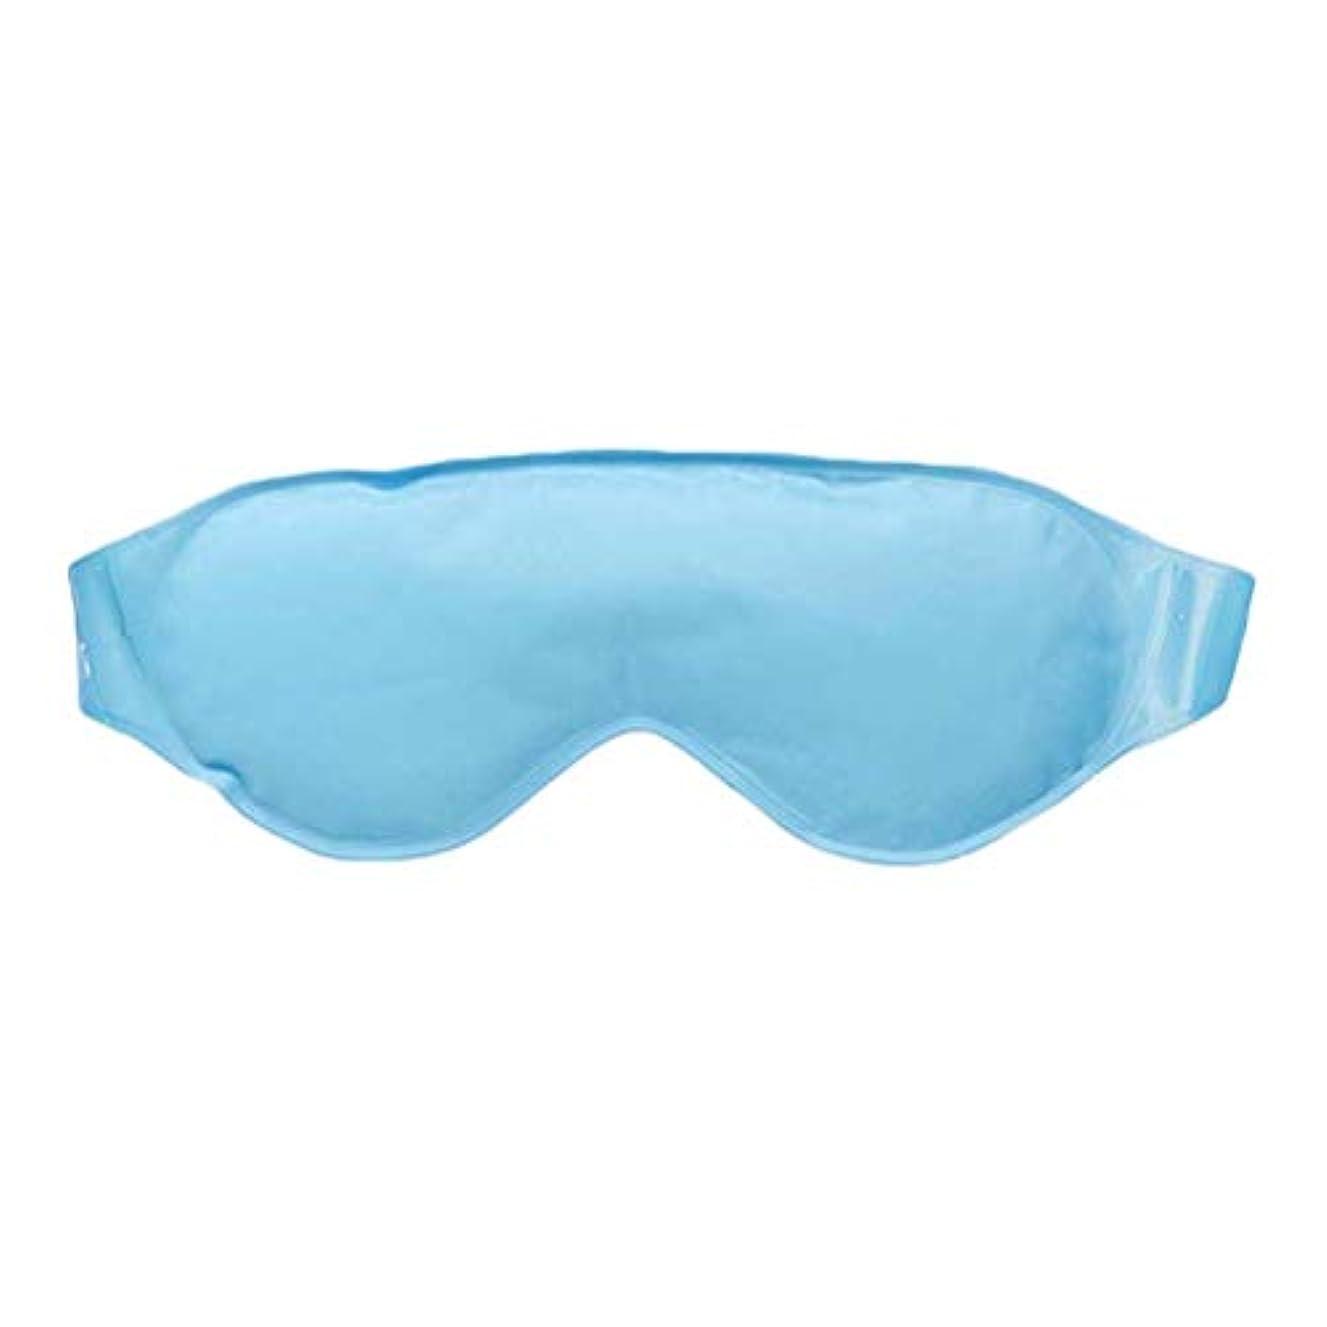 指標パイプ反応するHealifty アイスアイマスクパッチ夏目隠し冷却リラックスブラインドアイリラックスセラピーマスク